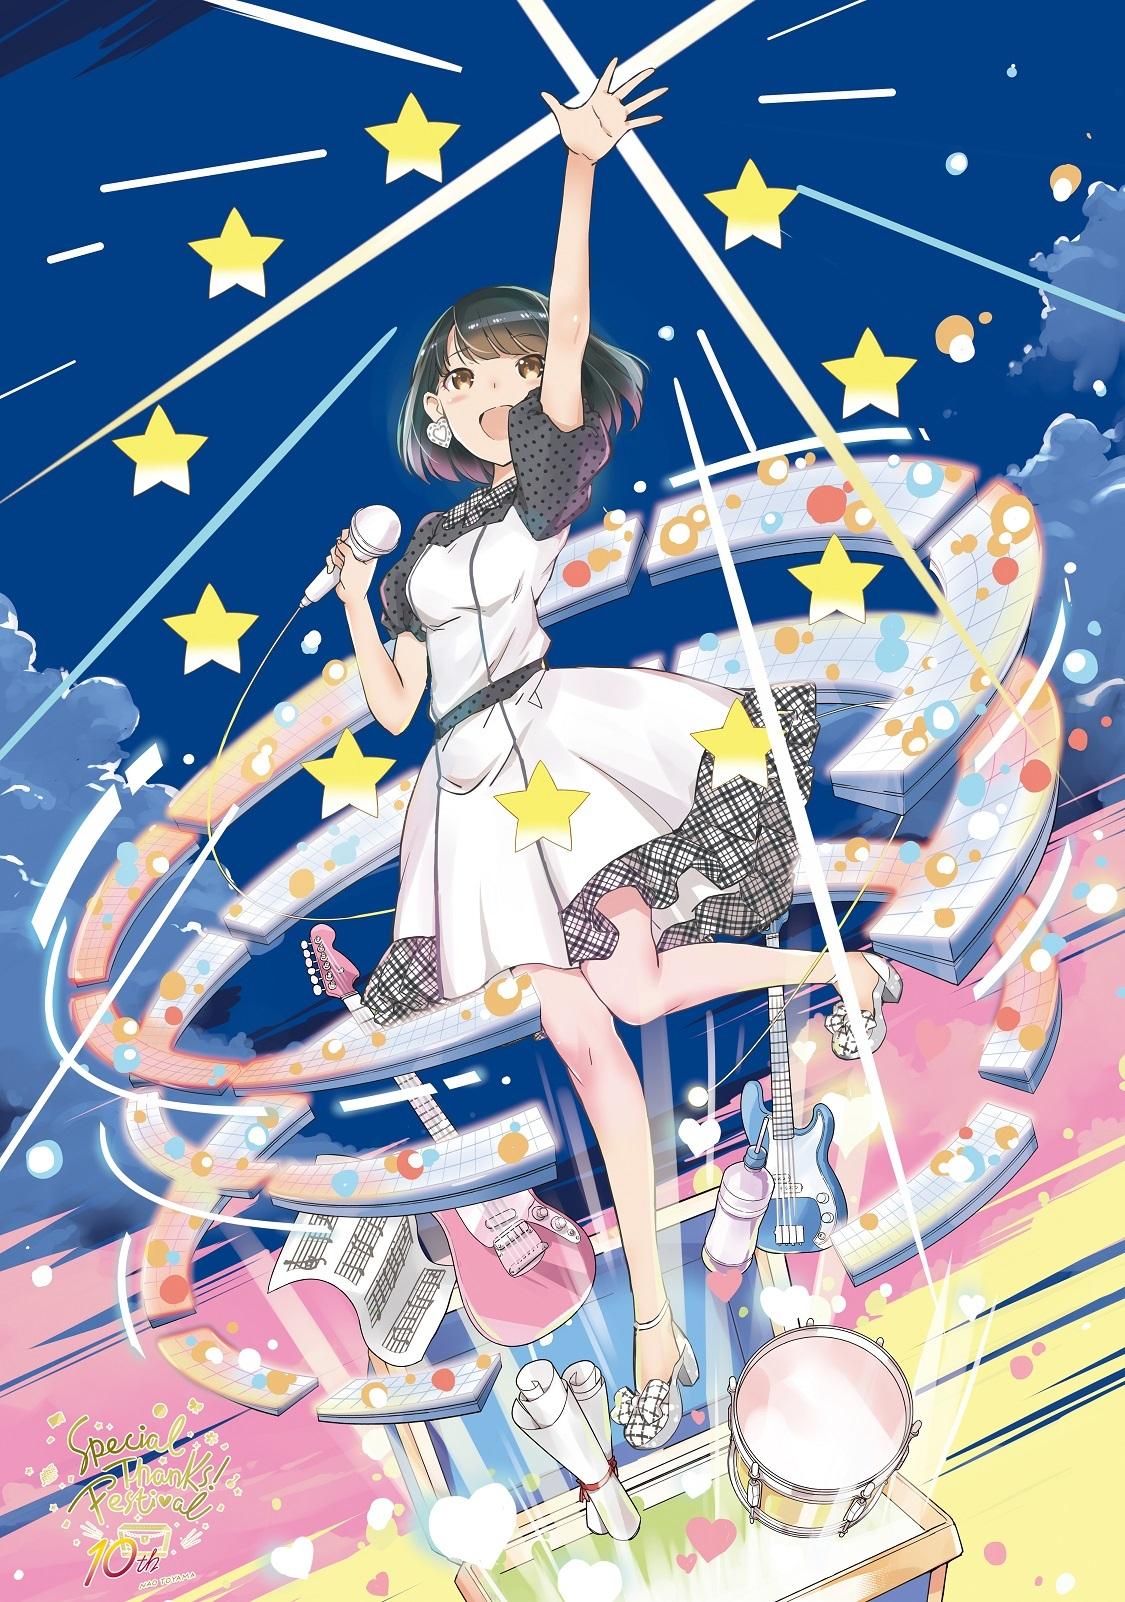 東山奈央10thアニバーサリーライブ「Special Thanks!フェスティバル」キービジュアル